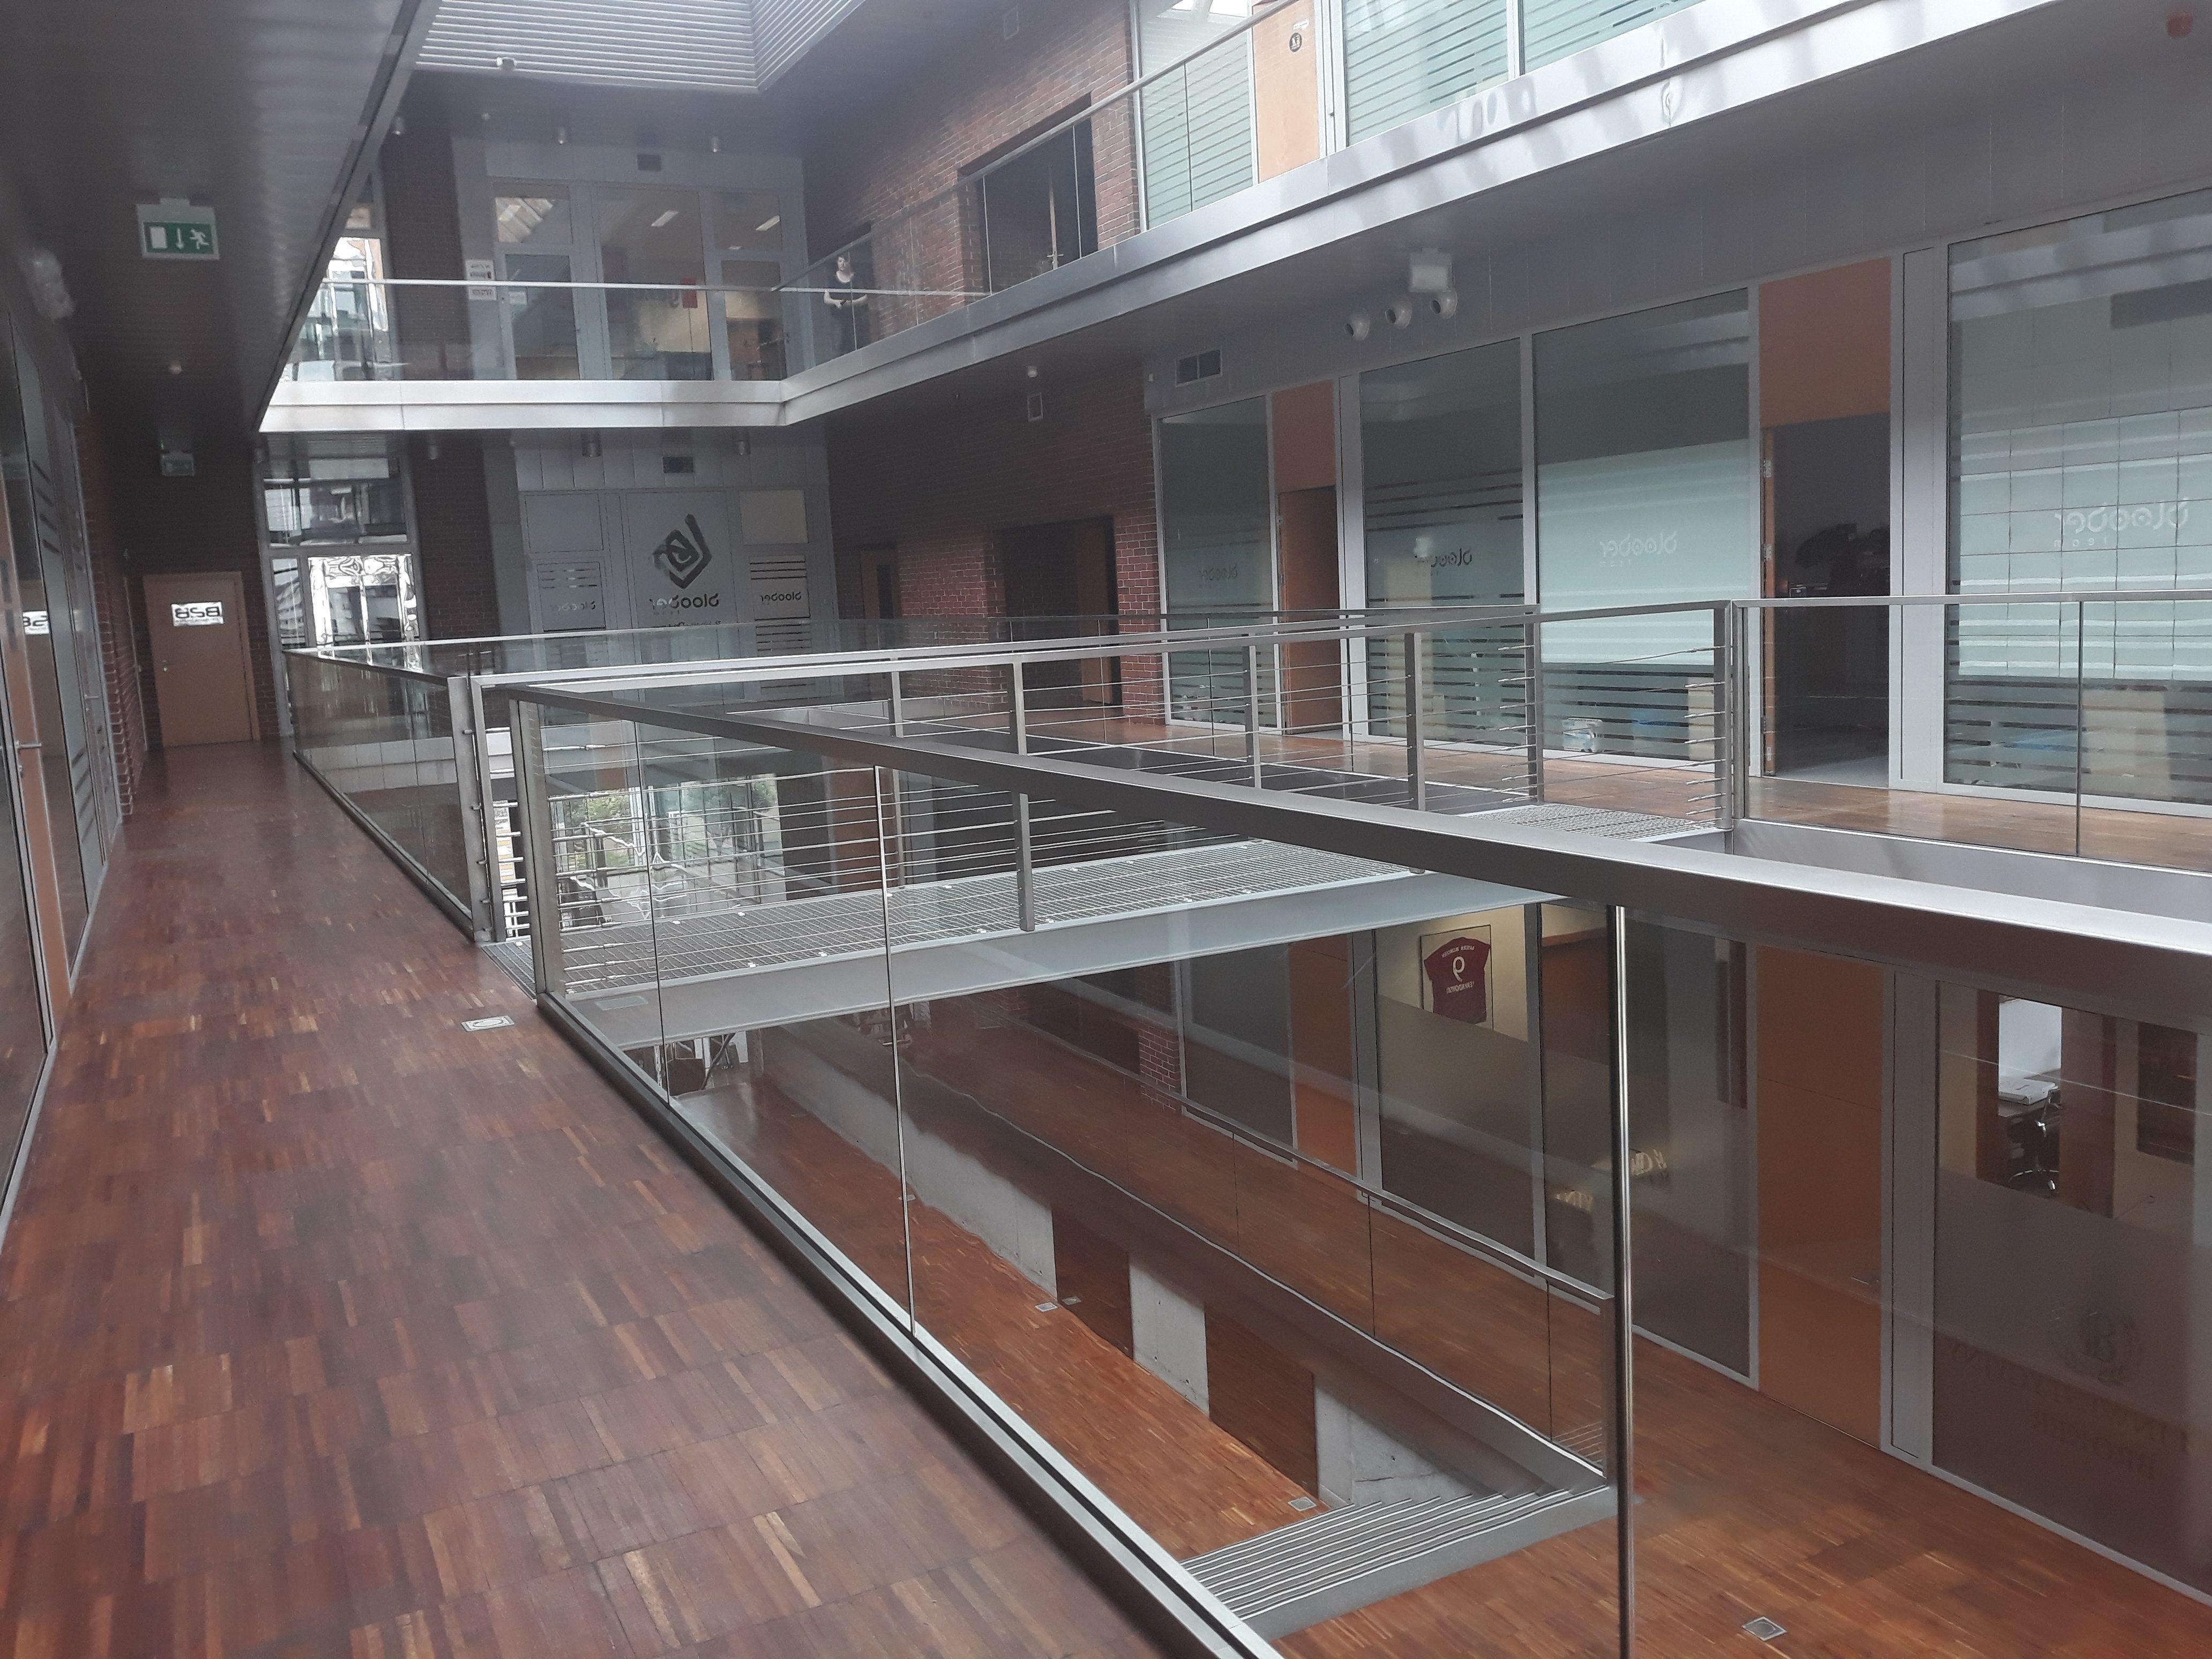 Wnętrze budynku siedziby MFR Sp. z o.o.